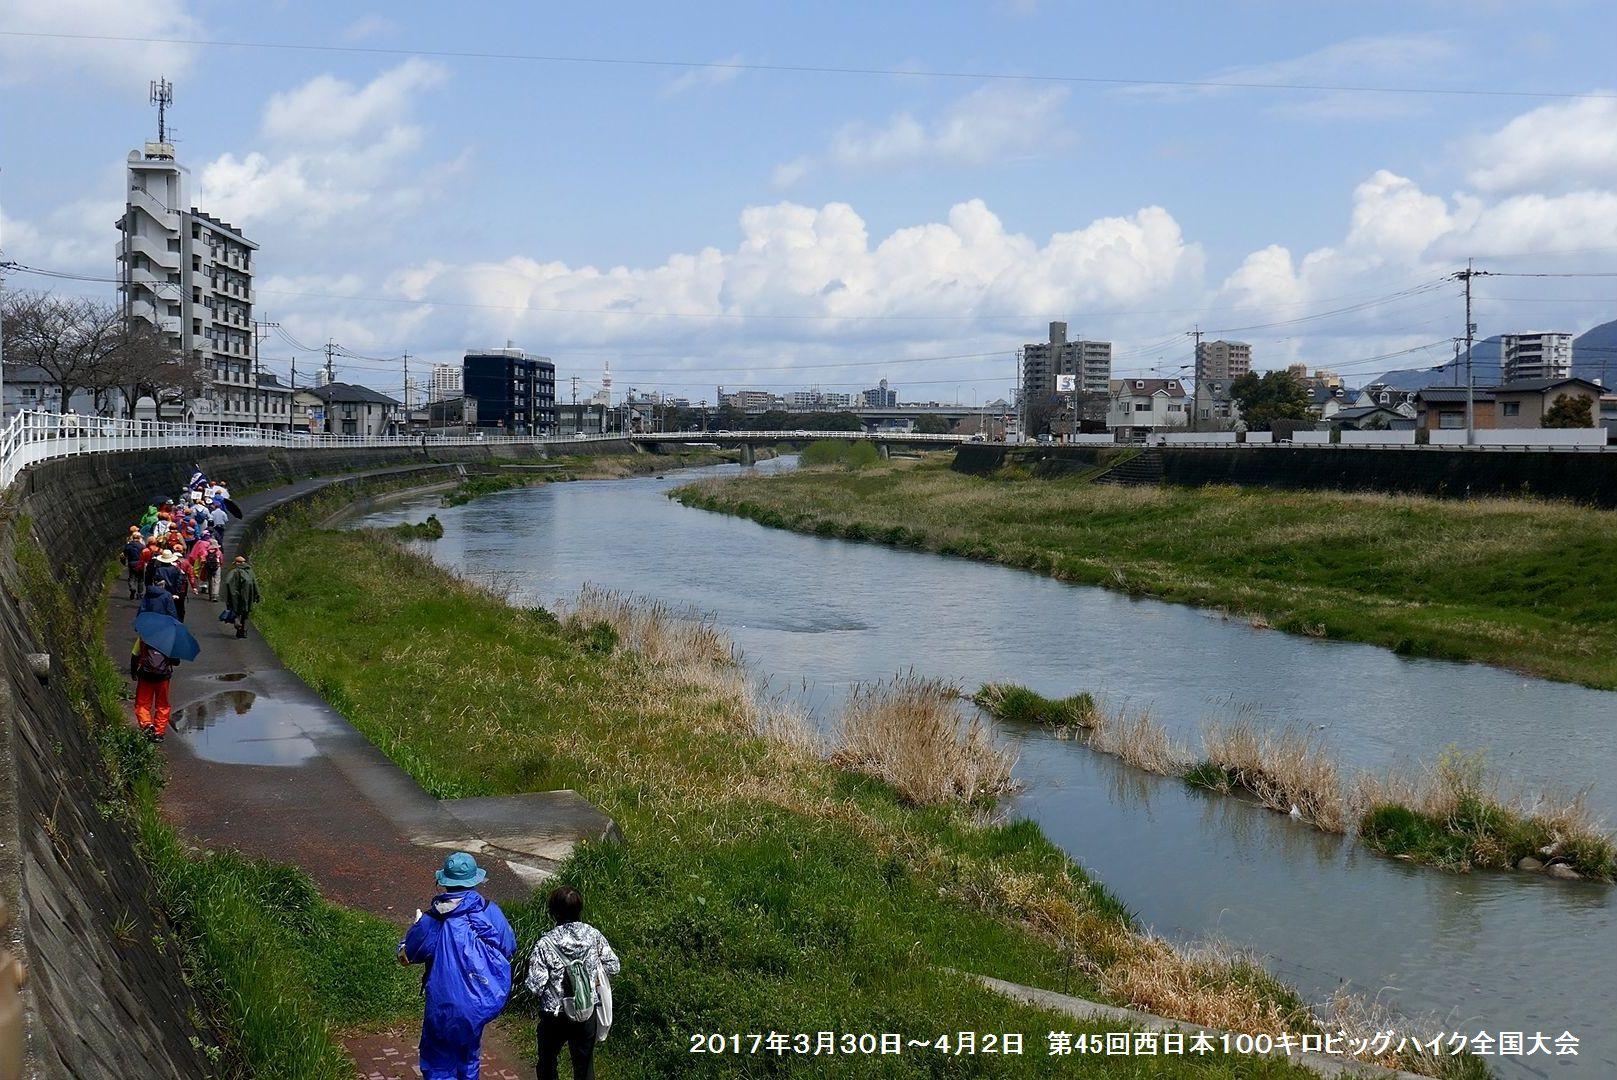 第45回西日本100キロビッグハイク全国大会ー3_b0220064_15371592.jpg